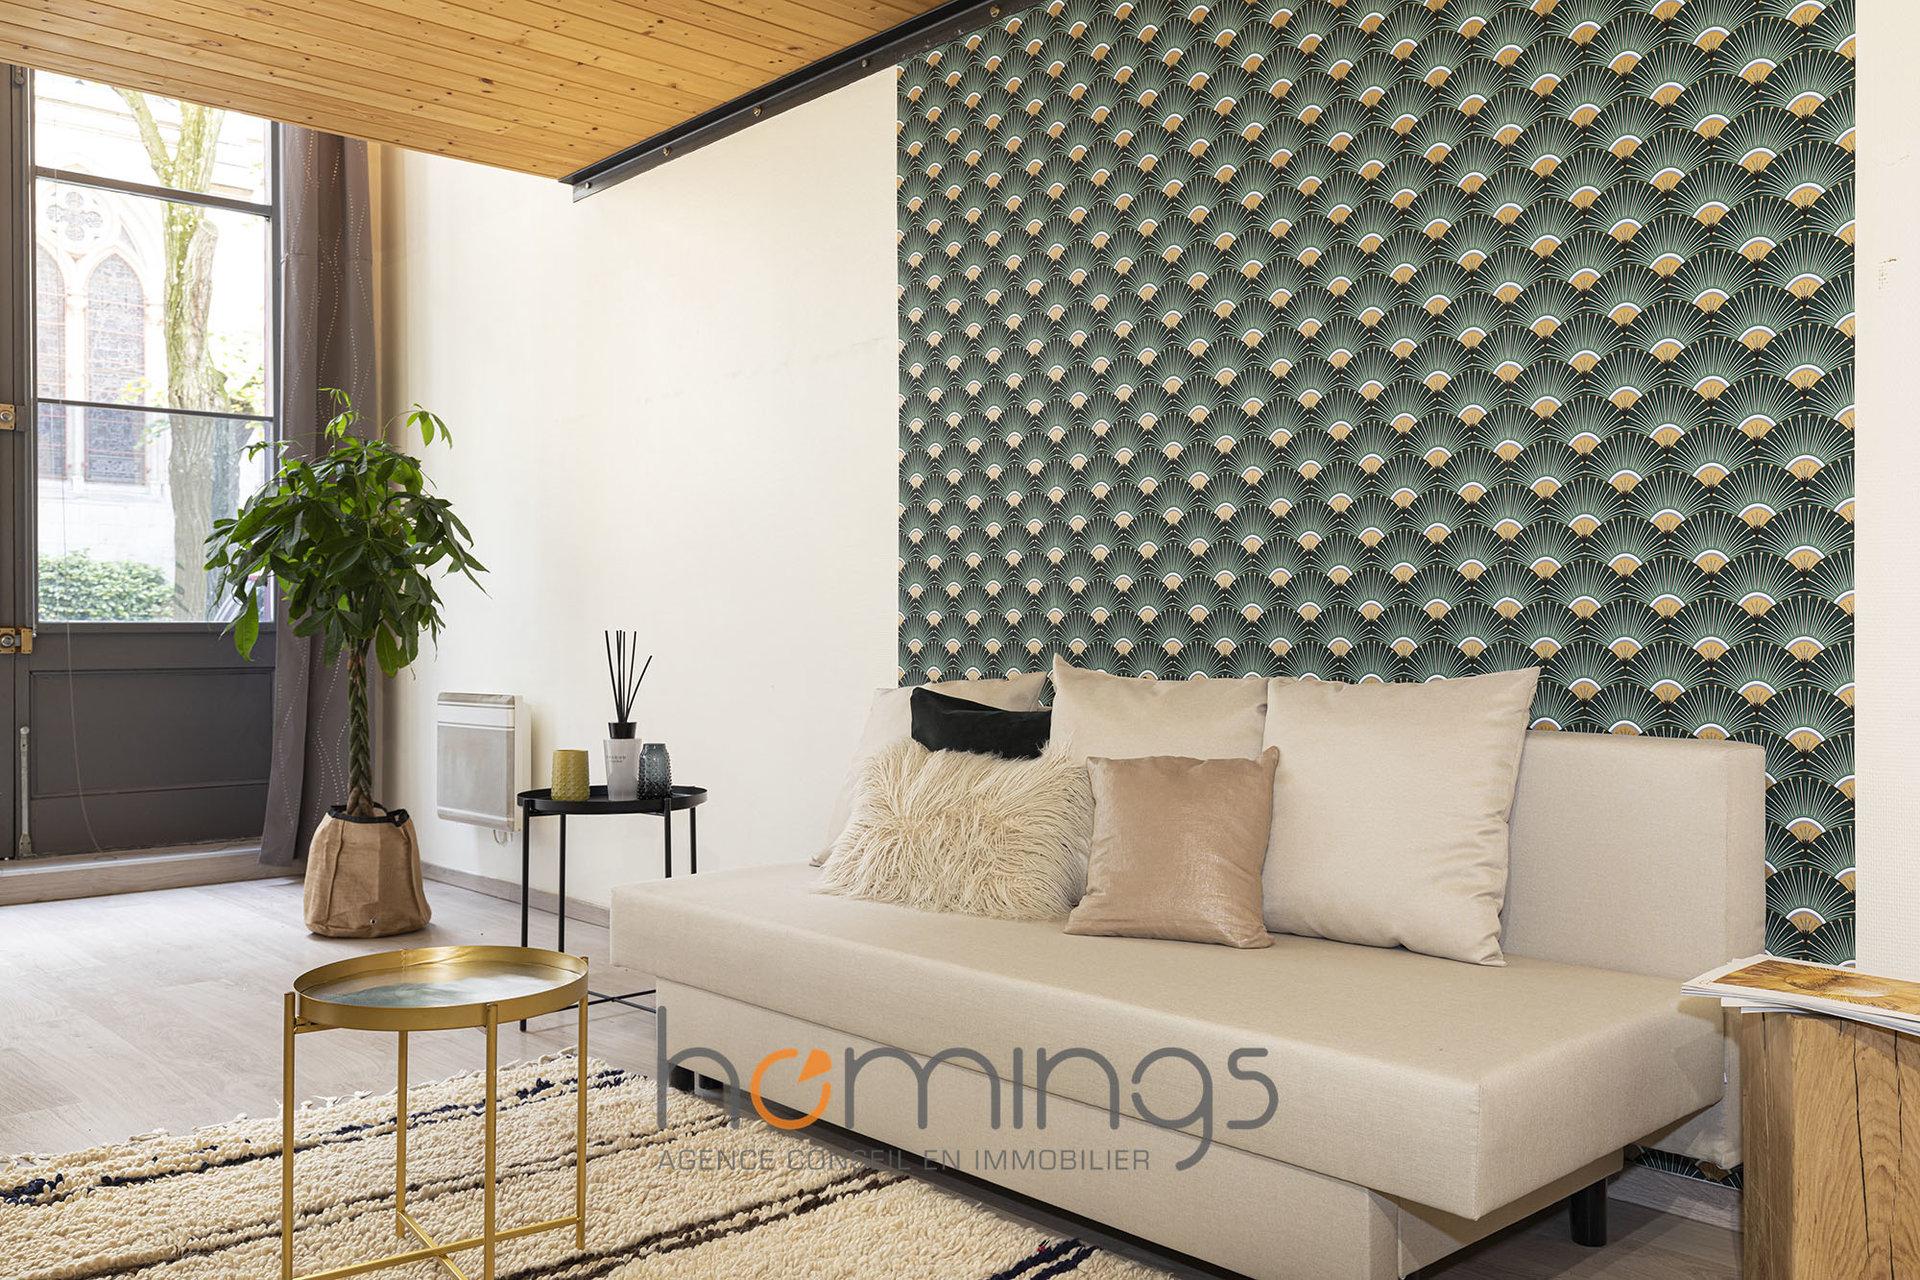 Loué par notre agence - T3 Duplex meublé Place P. de Chavannes